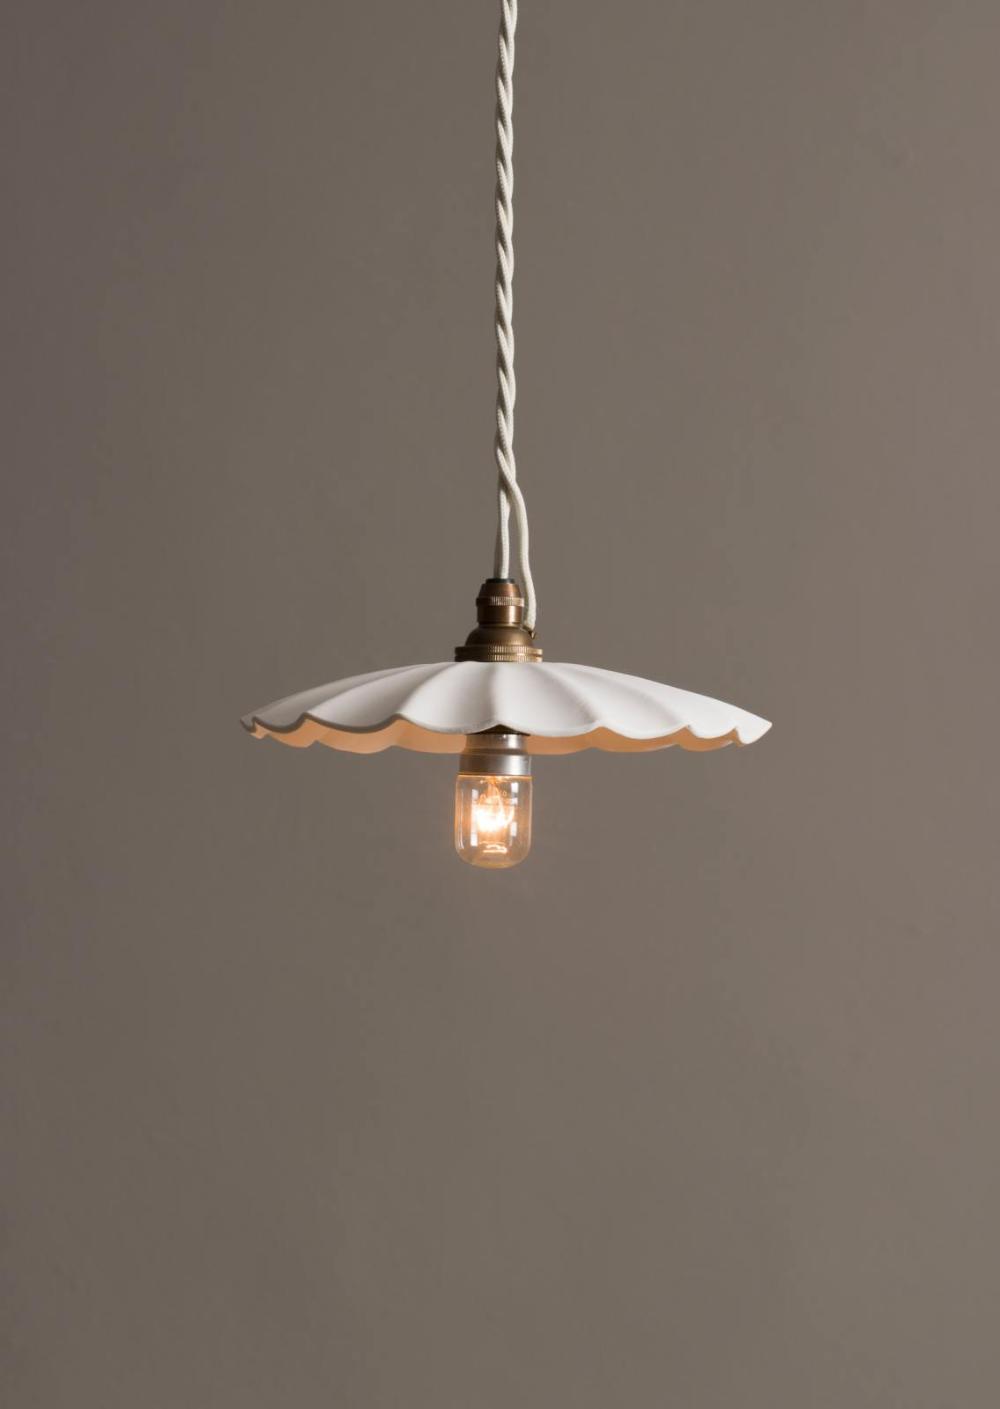 Large Wide Pleat Porcelain Pendant Devol Kitchens In 2020 Pendant Lighting Devol Kitchens Ceiling Rose